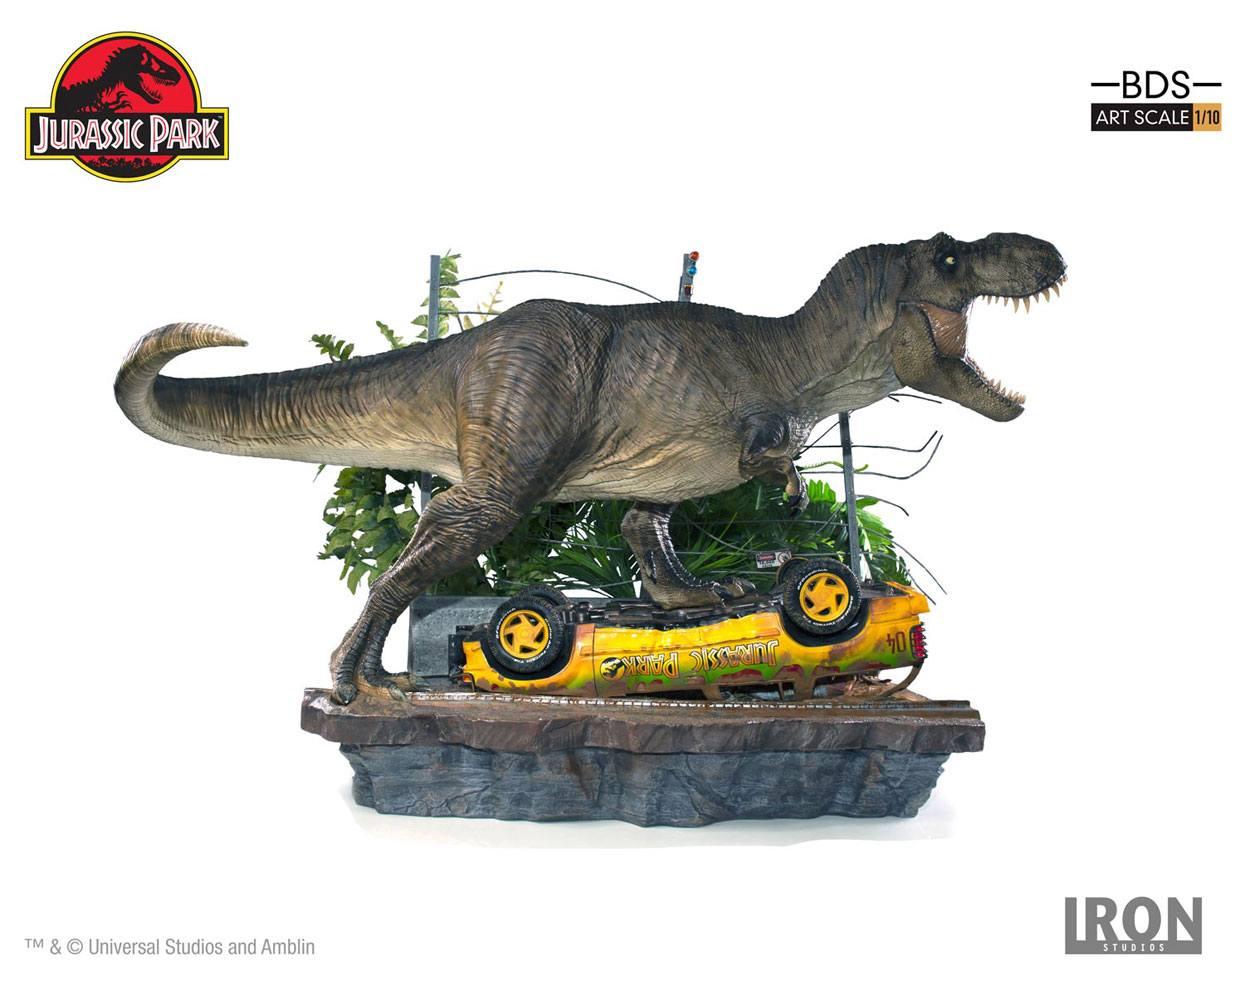 Jurassic Park Art Scale Diorama 1/10 T-Rex Attack Set A 56 cm